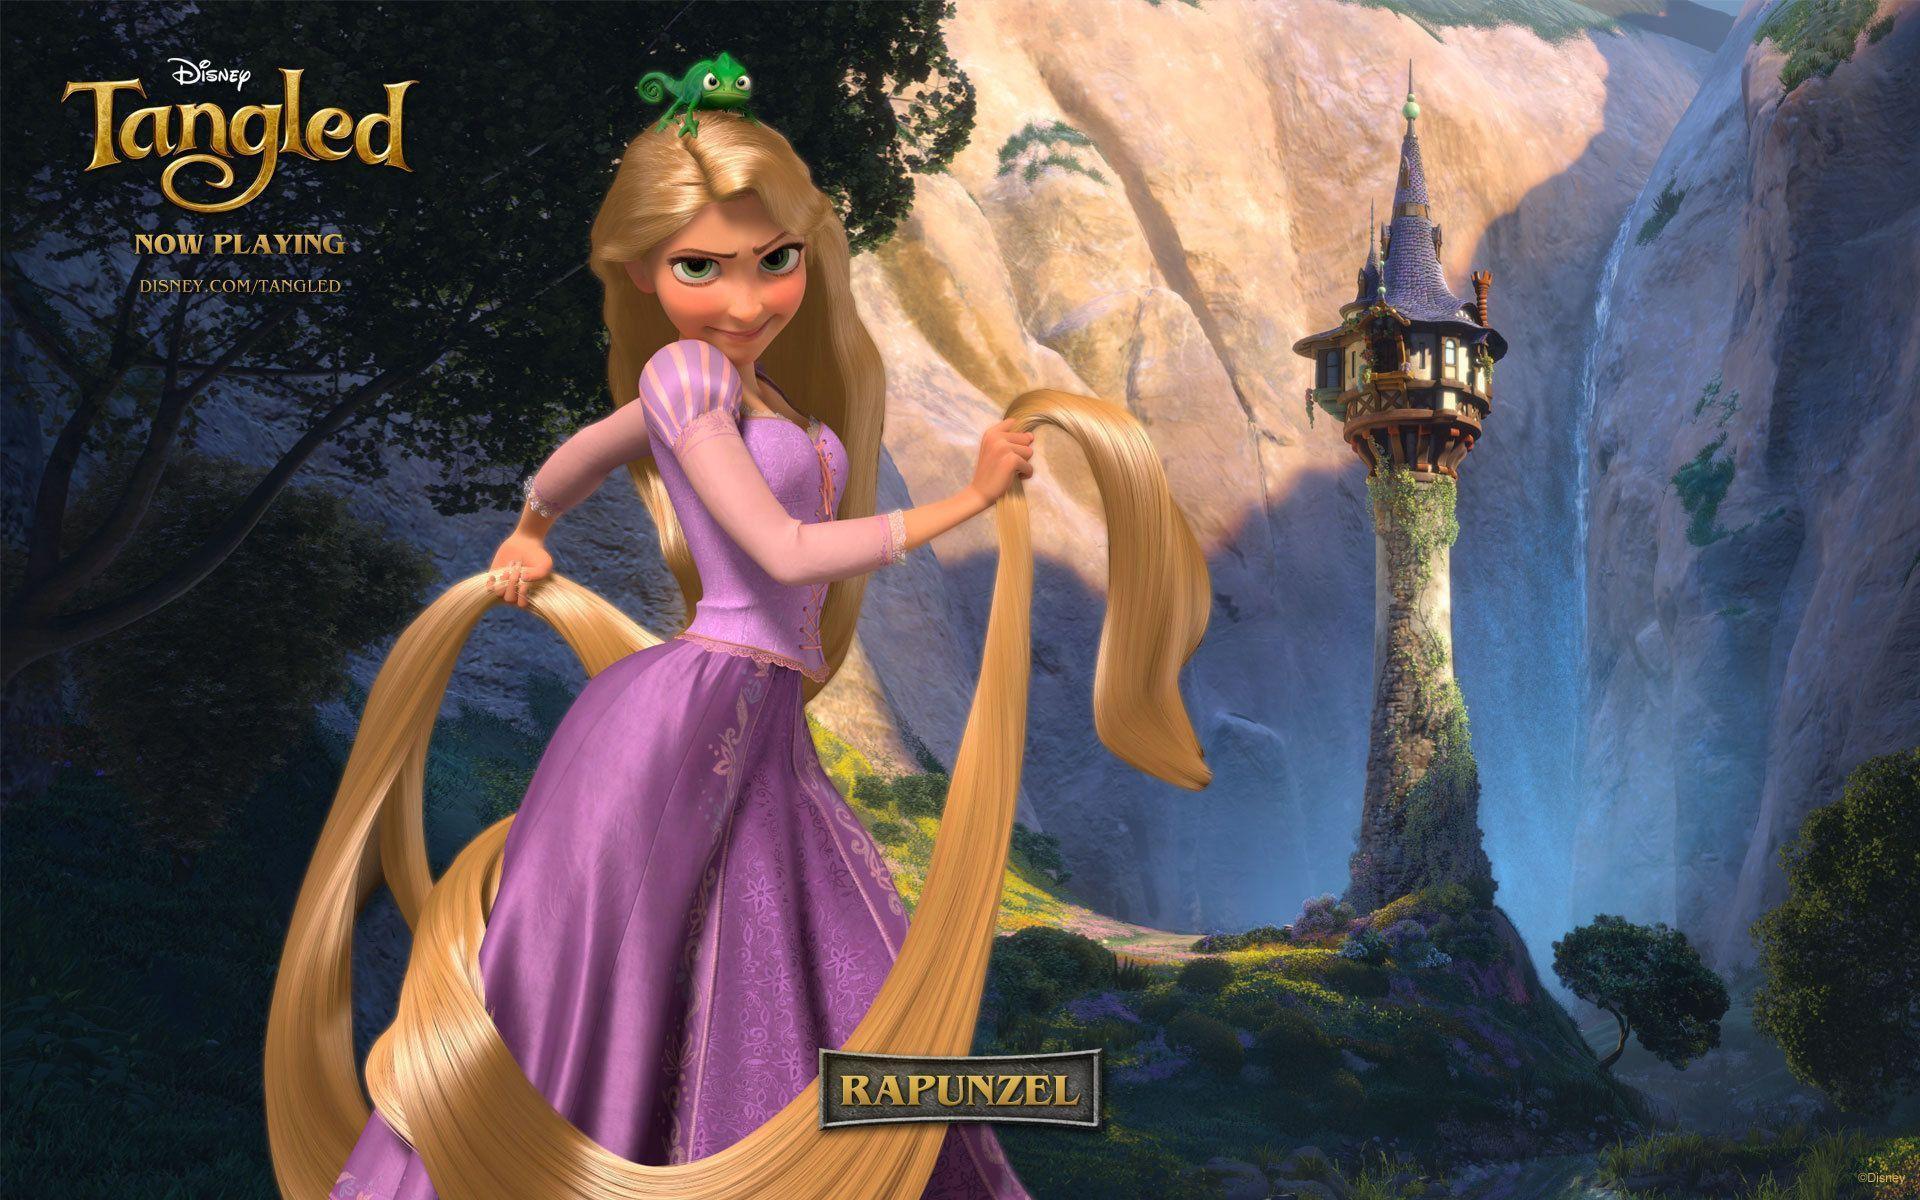 Rapunzel Wallpaper 2 - princess rapunzel Wallpaper (18184776) - Fanpop